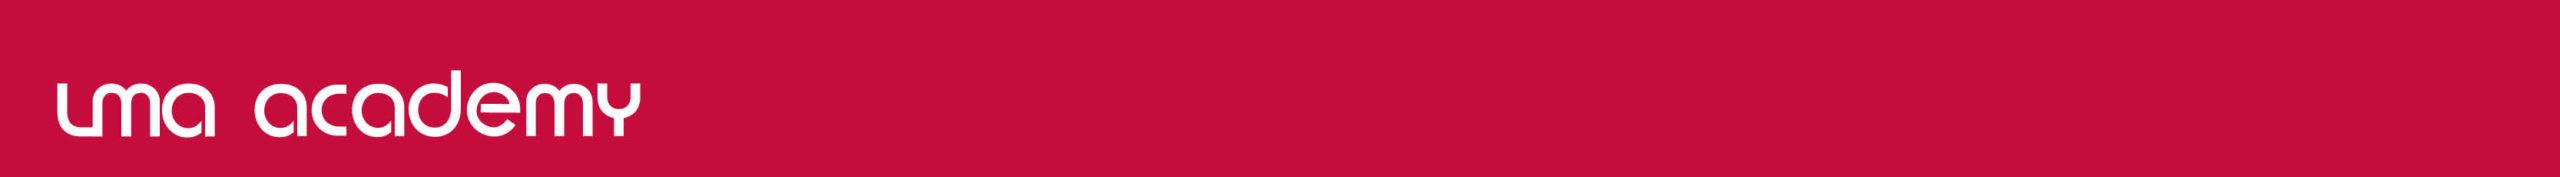 Lloyd's Market Association branding, Branding and design for insurance,